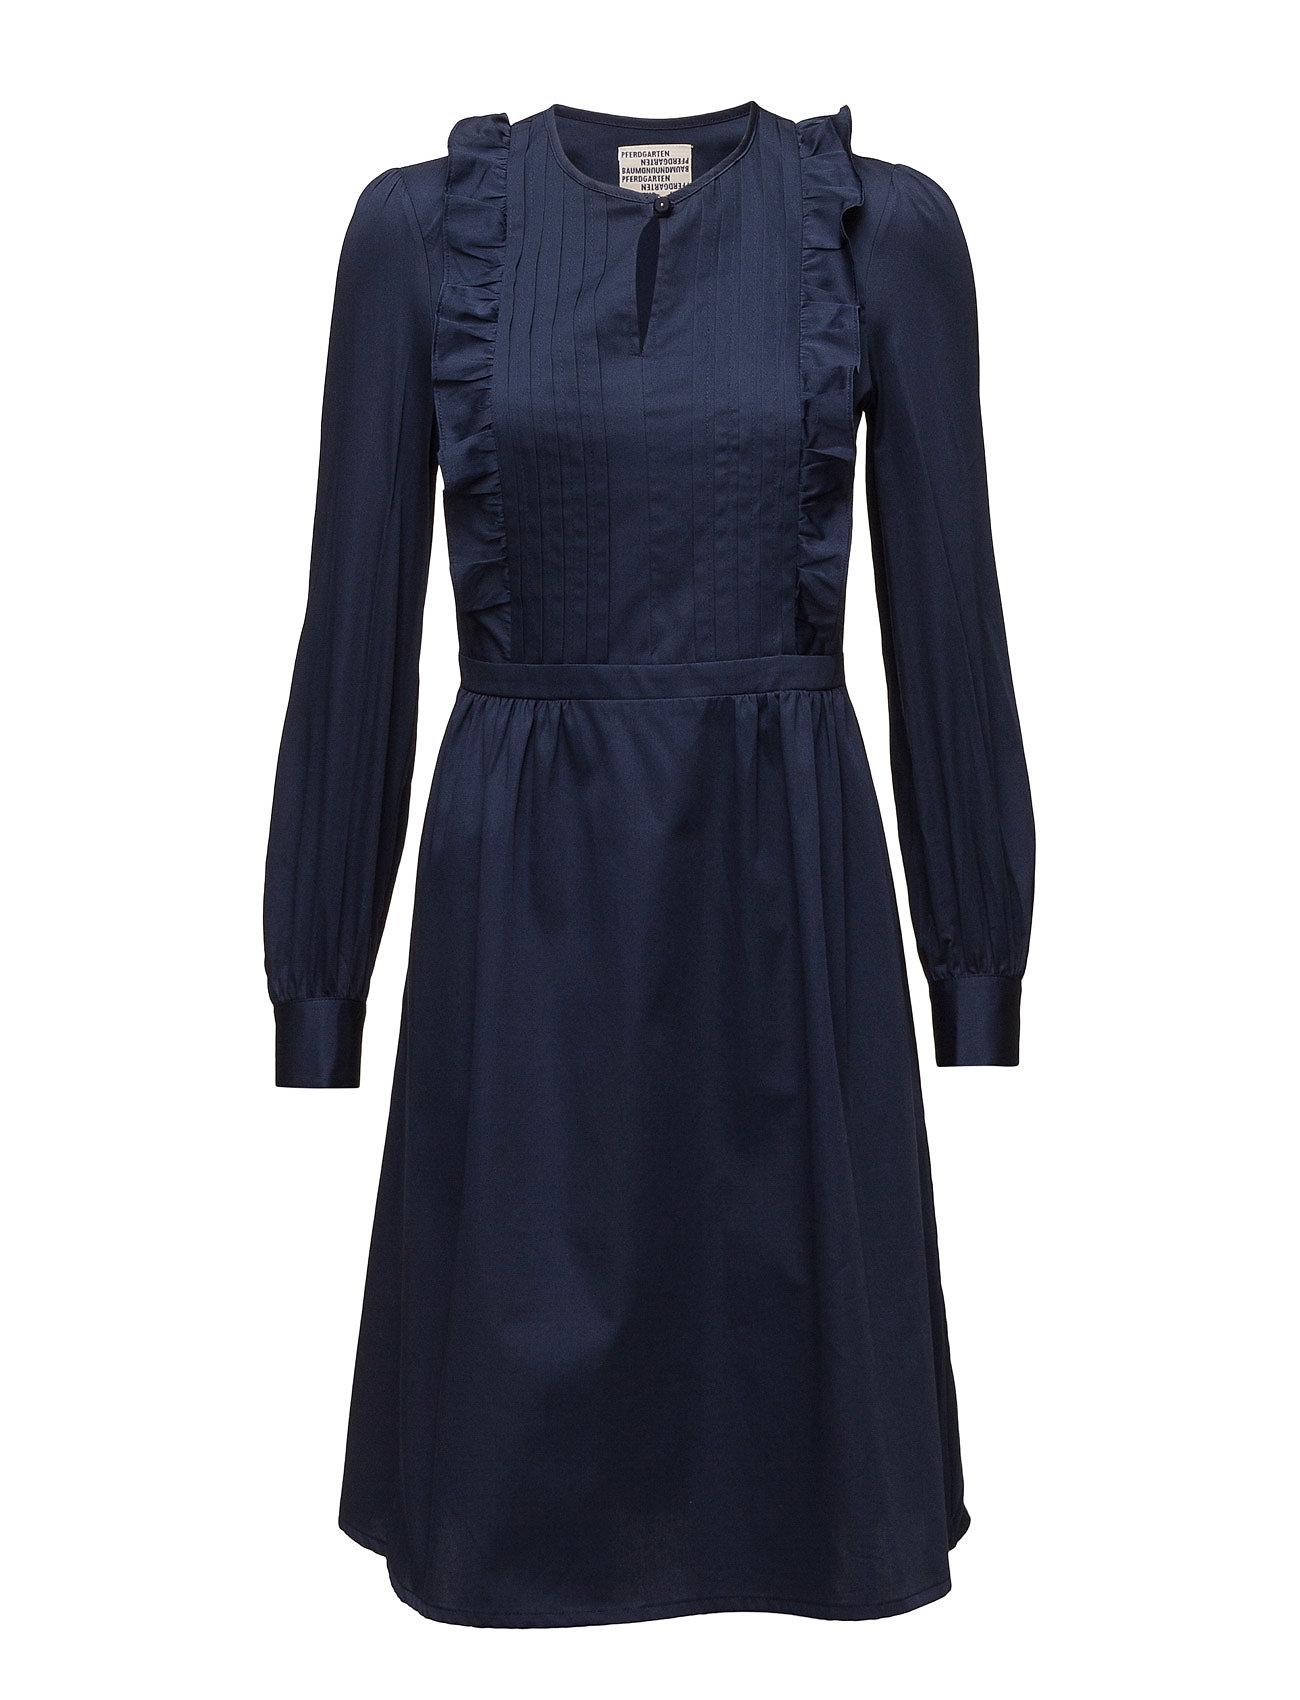 Albantine Baum und Pferdgarten Korte kjoler til Damer i